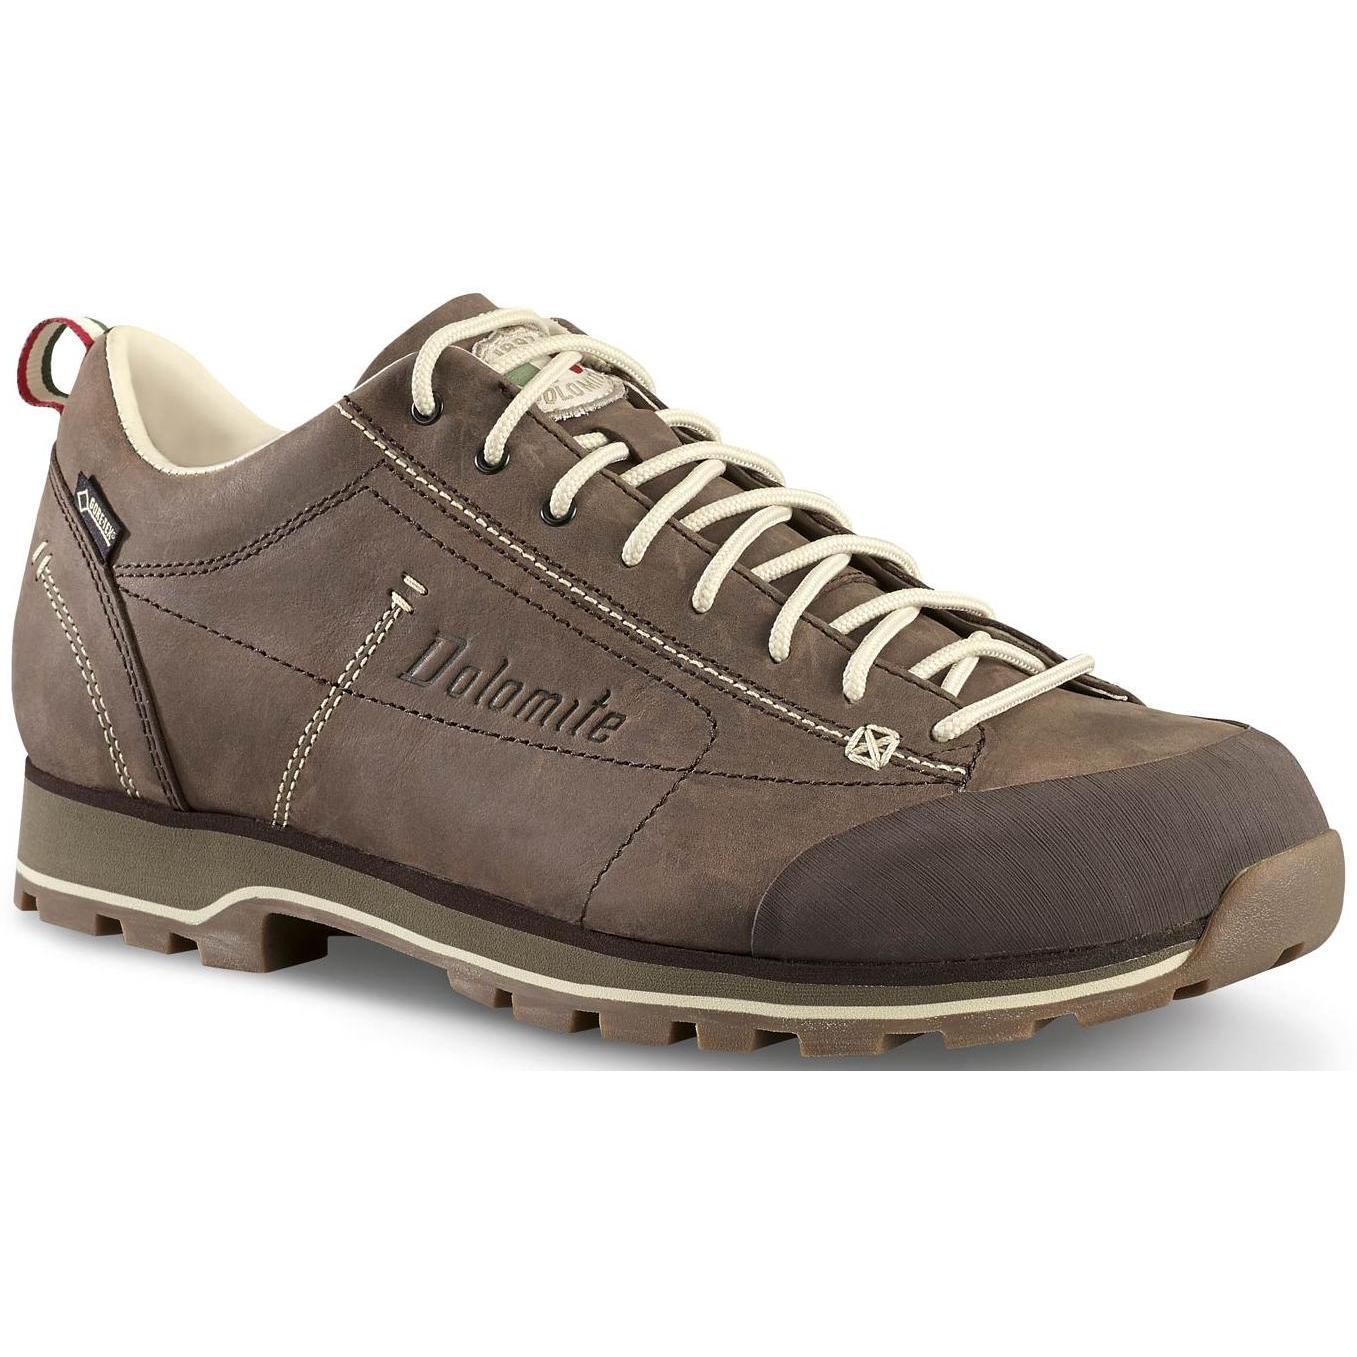 Купить Ботинки городские (низкие) Dolomite 2018 Cinquantaquattro Low Fg Gtx ® Brown, Обувь для города, 852332